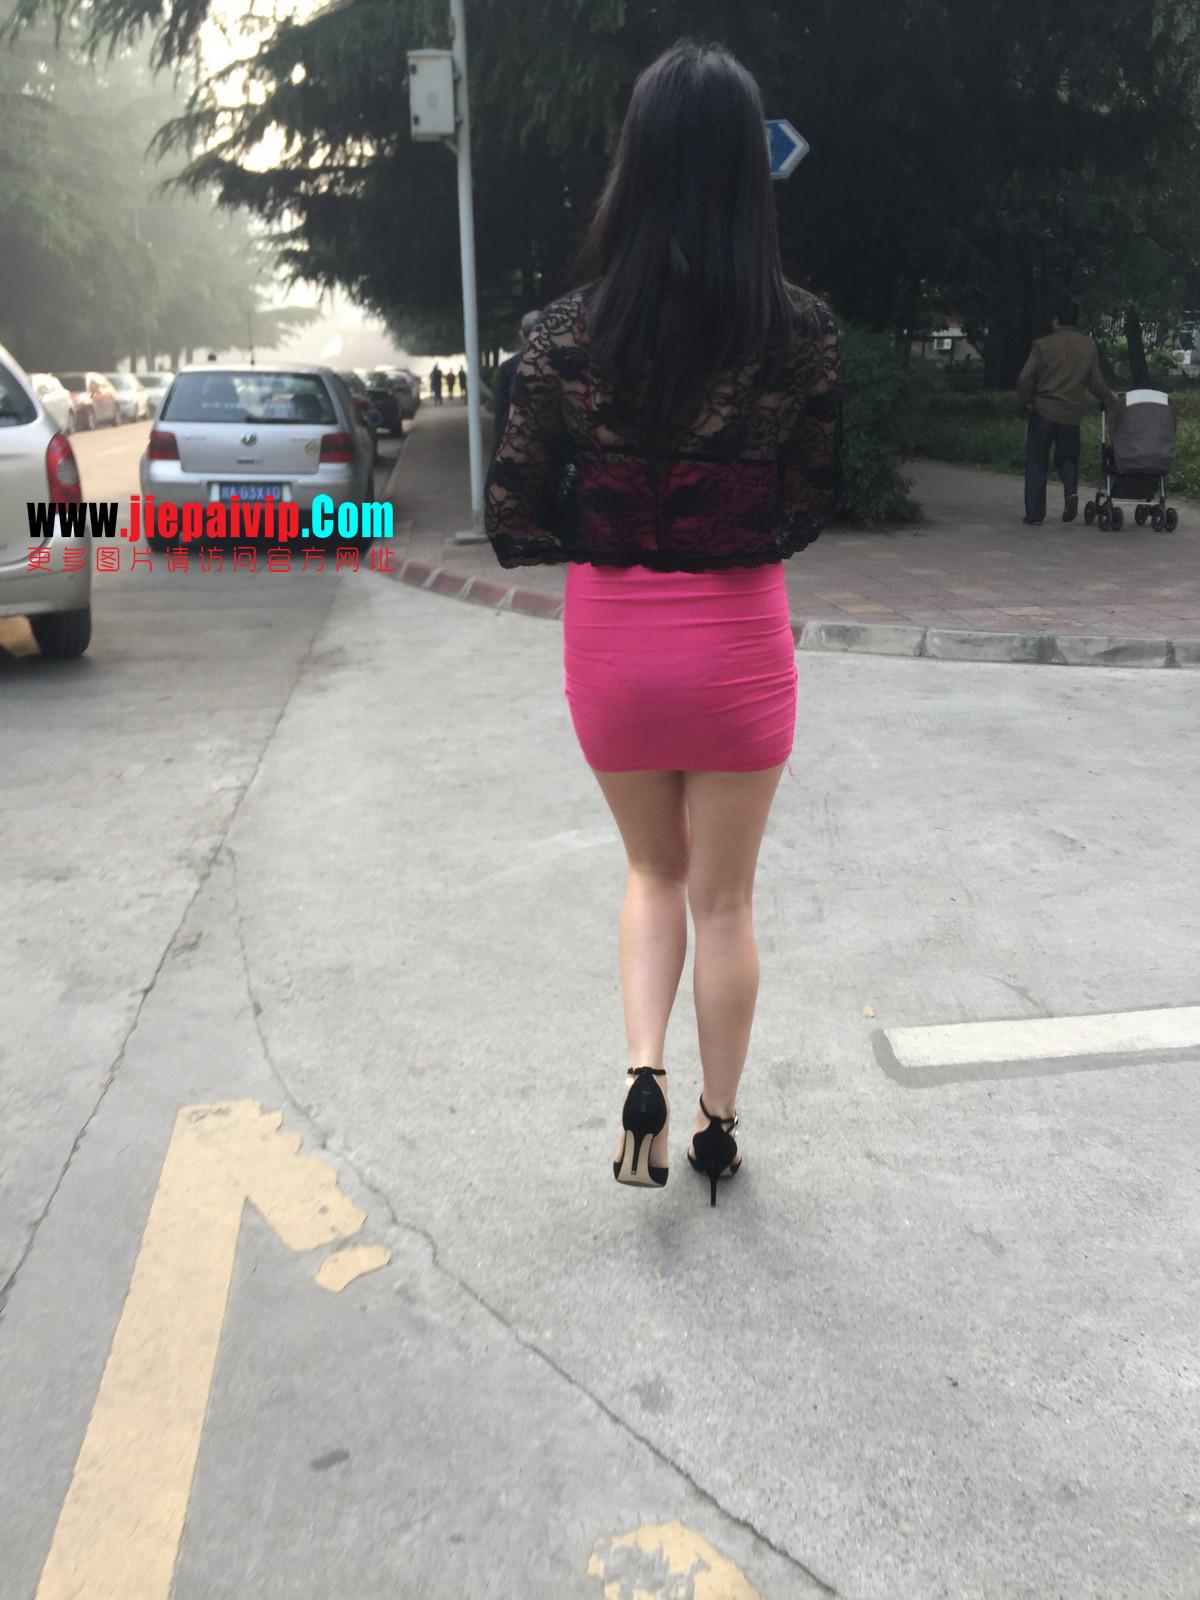 短裙紧裹,街拍极品粉裙性感美女1